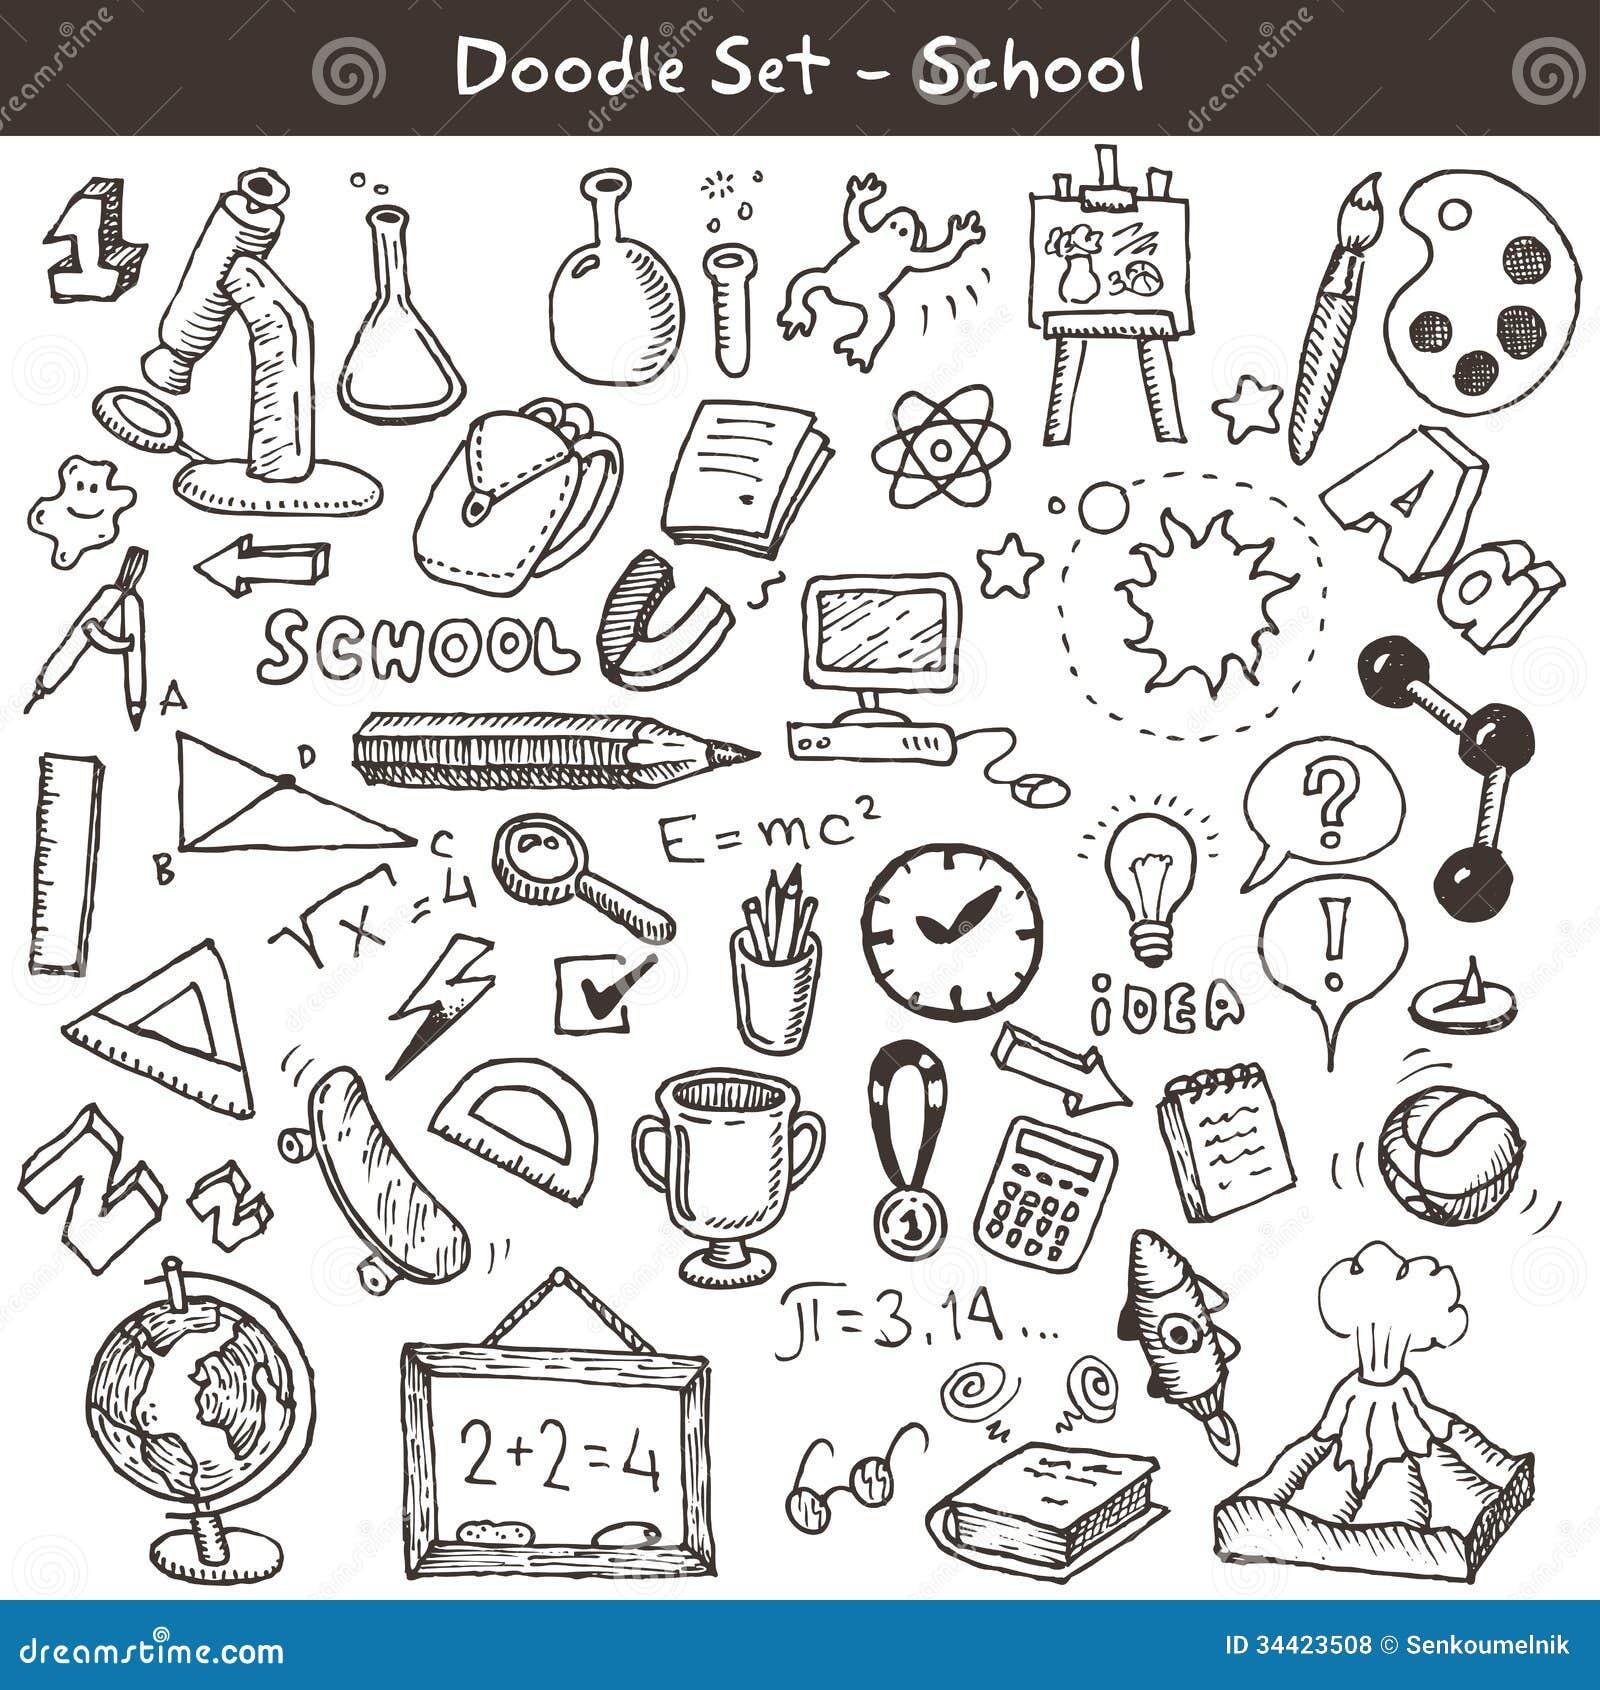 Doodle set - school